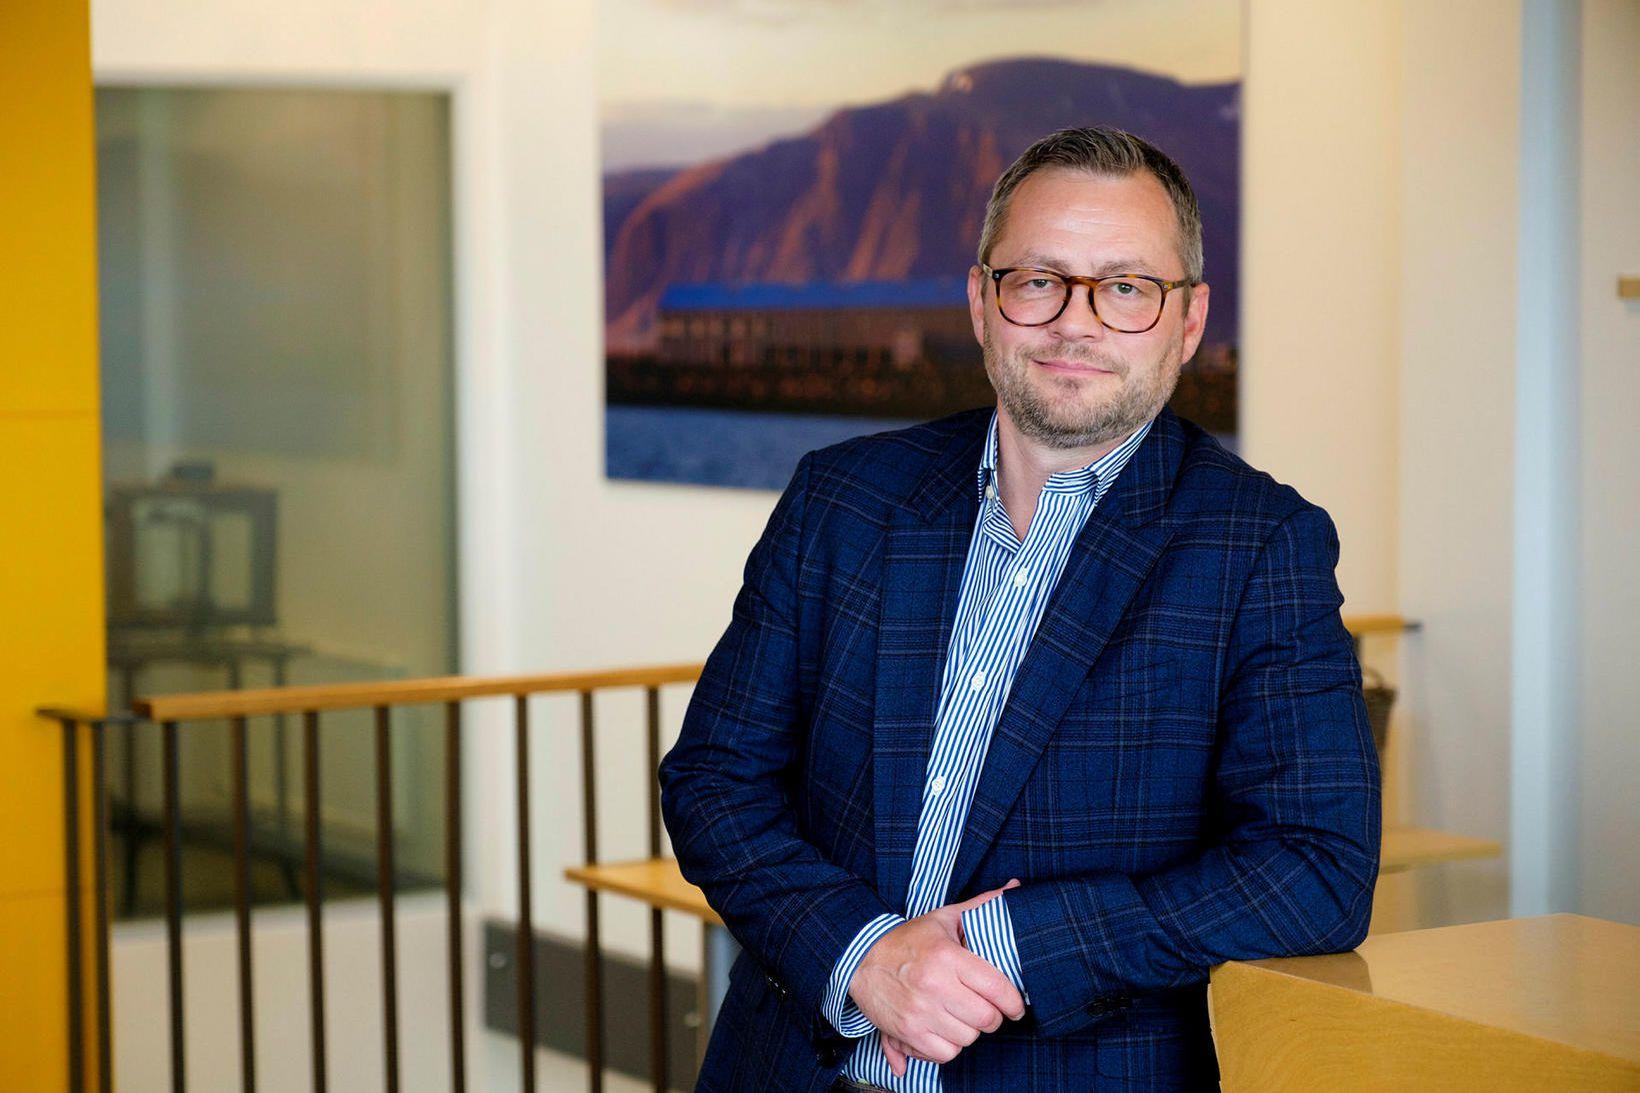 Árni Geir segir áhugaverða möguleika á sviði lýsisvinnslu úr ræktuðum …